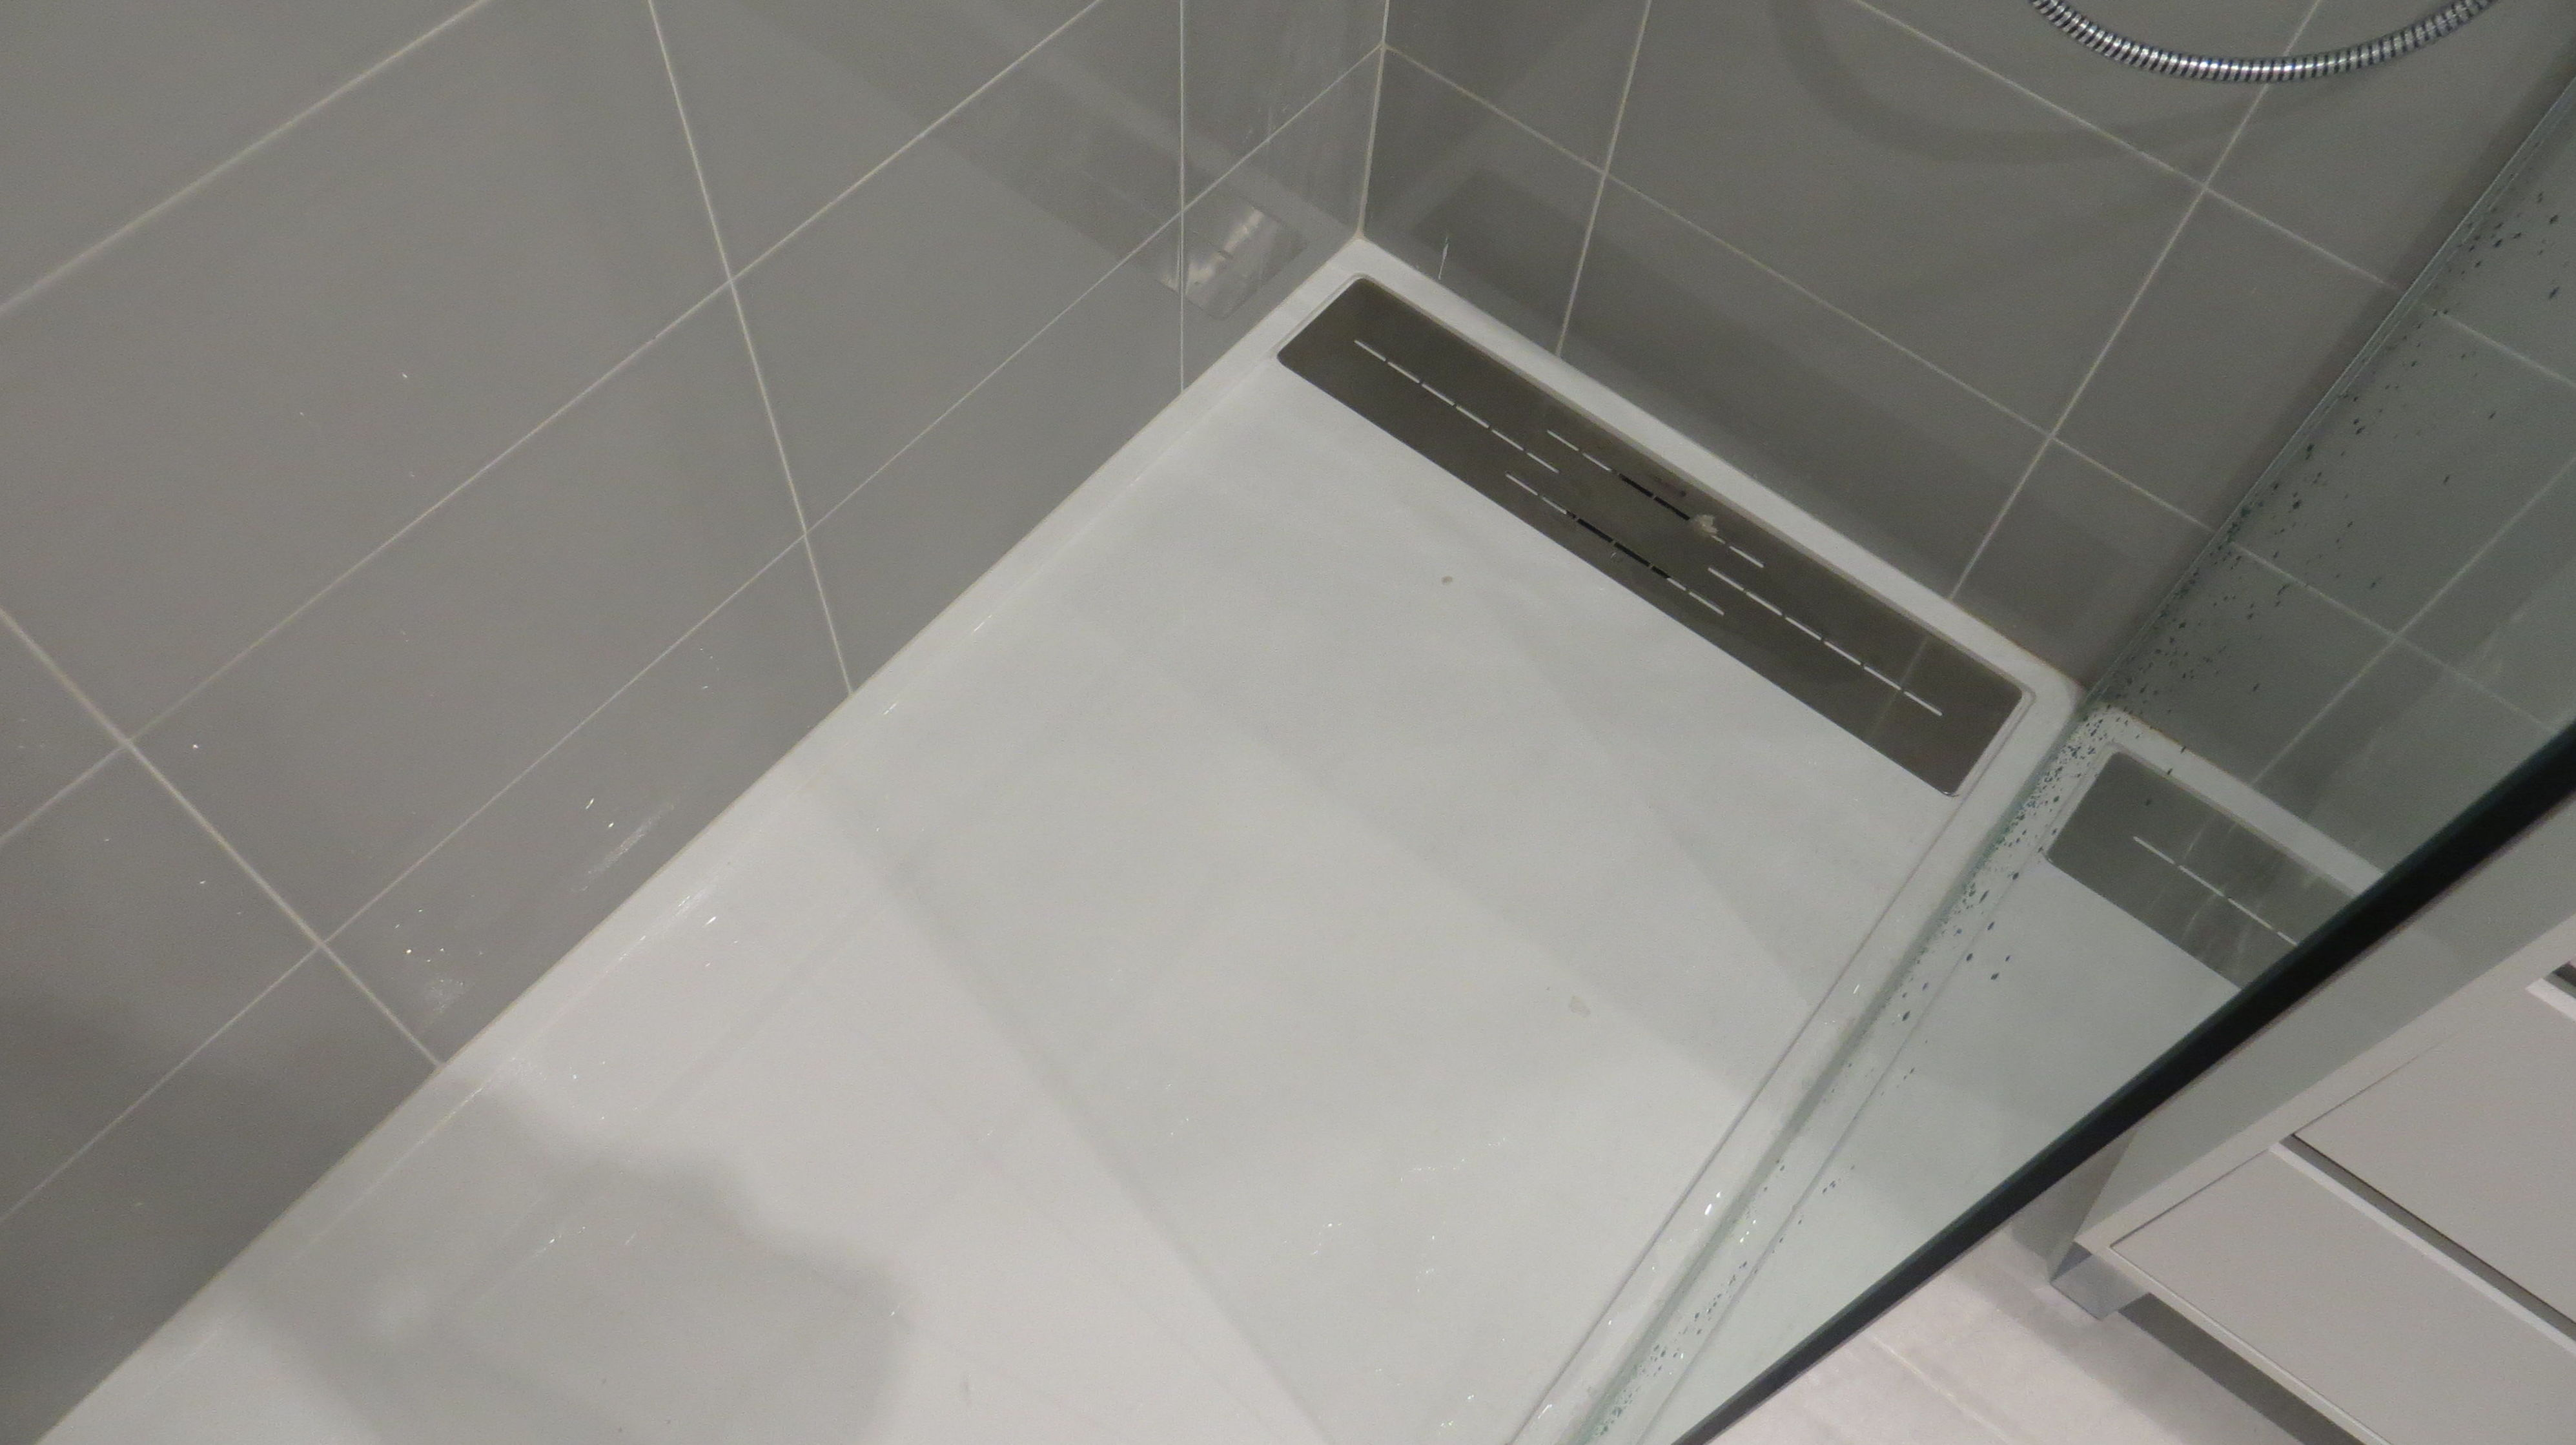 Plato de ducha de resina antideslizante